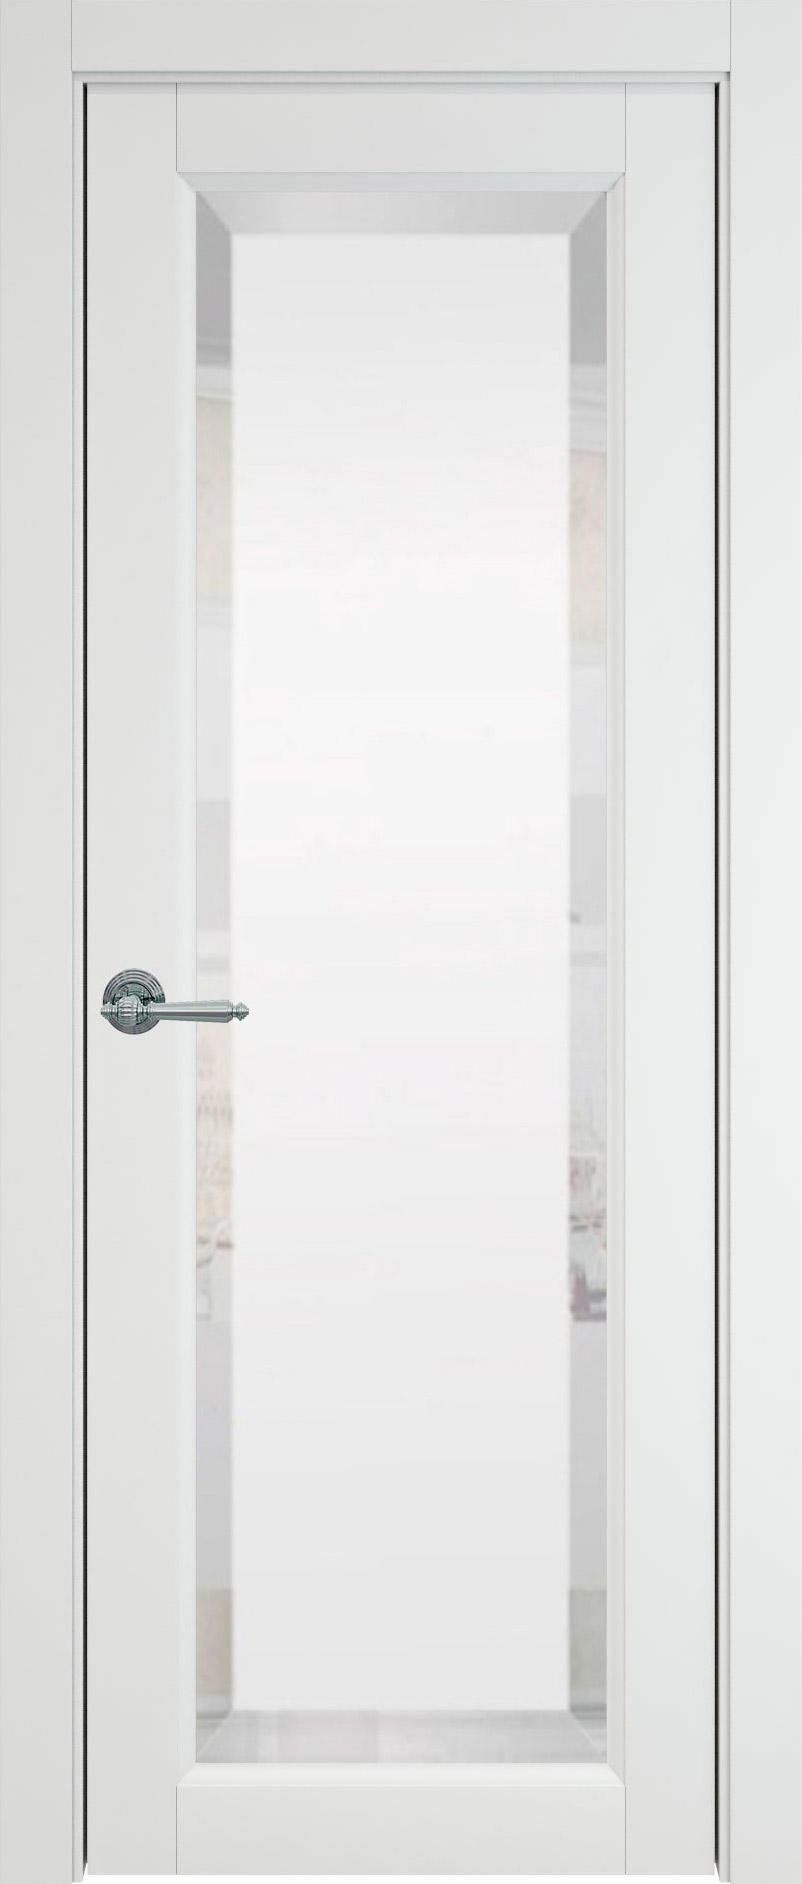 Domenica цвет - Белая эмаль (RAL 9003) Со стеклом (ДО)